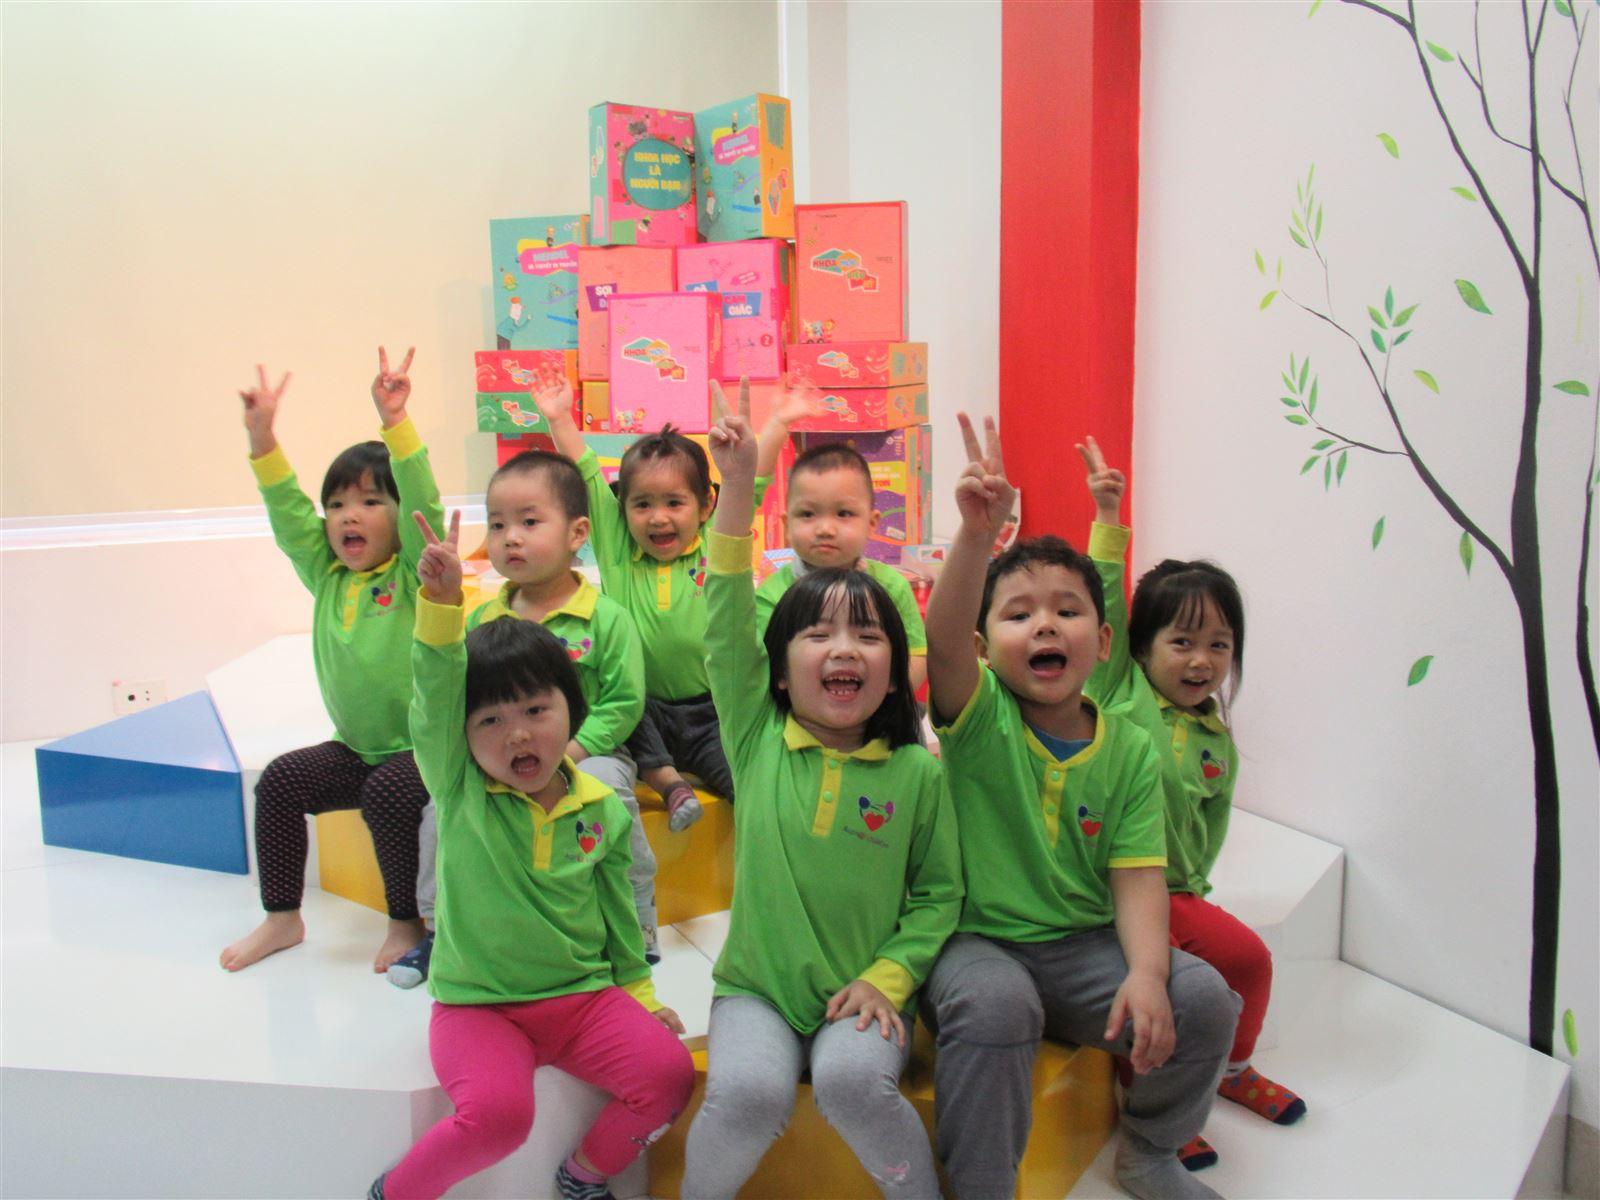 Khoa học diệu kỳ môn học giúp trẻ giải phóng năng lượng và định hình tư duy